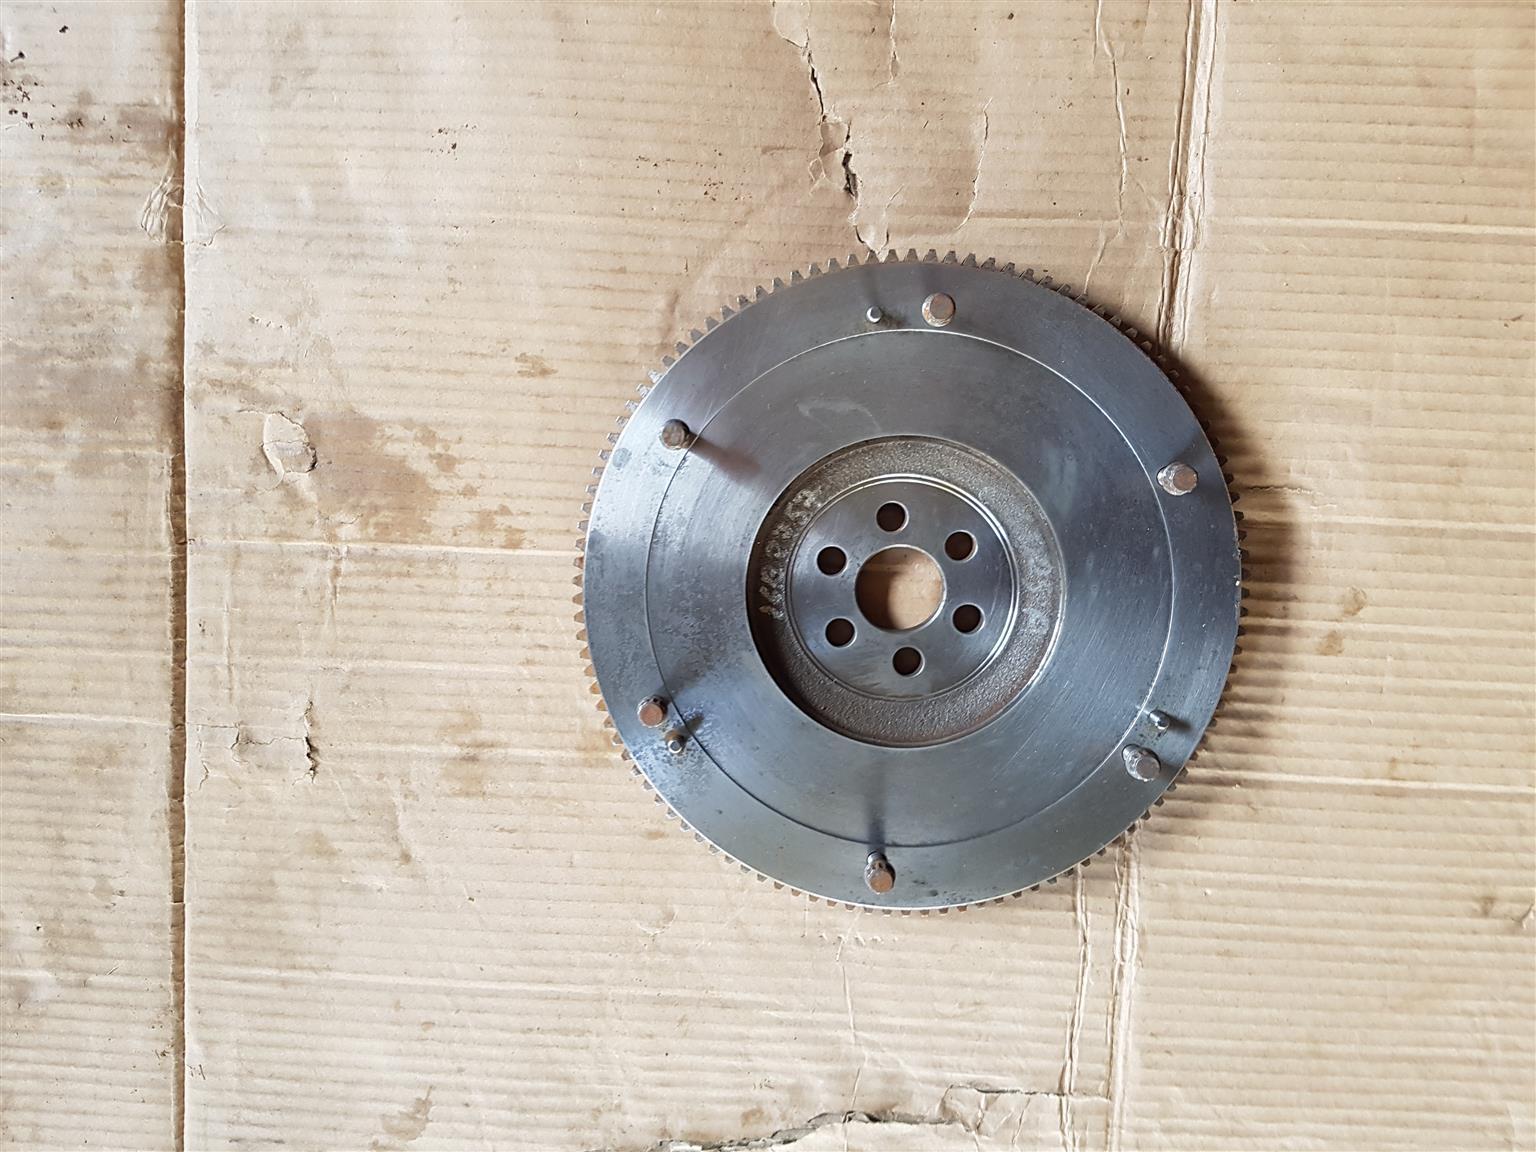 HONDA Brio 1.2 Flywheel